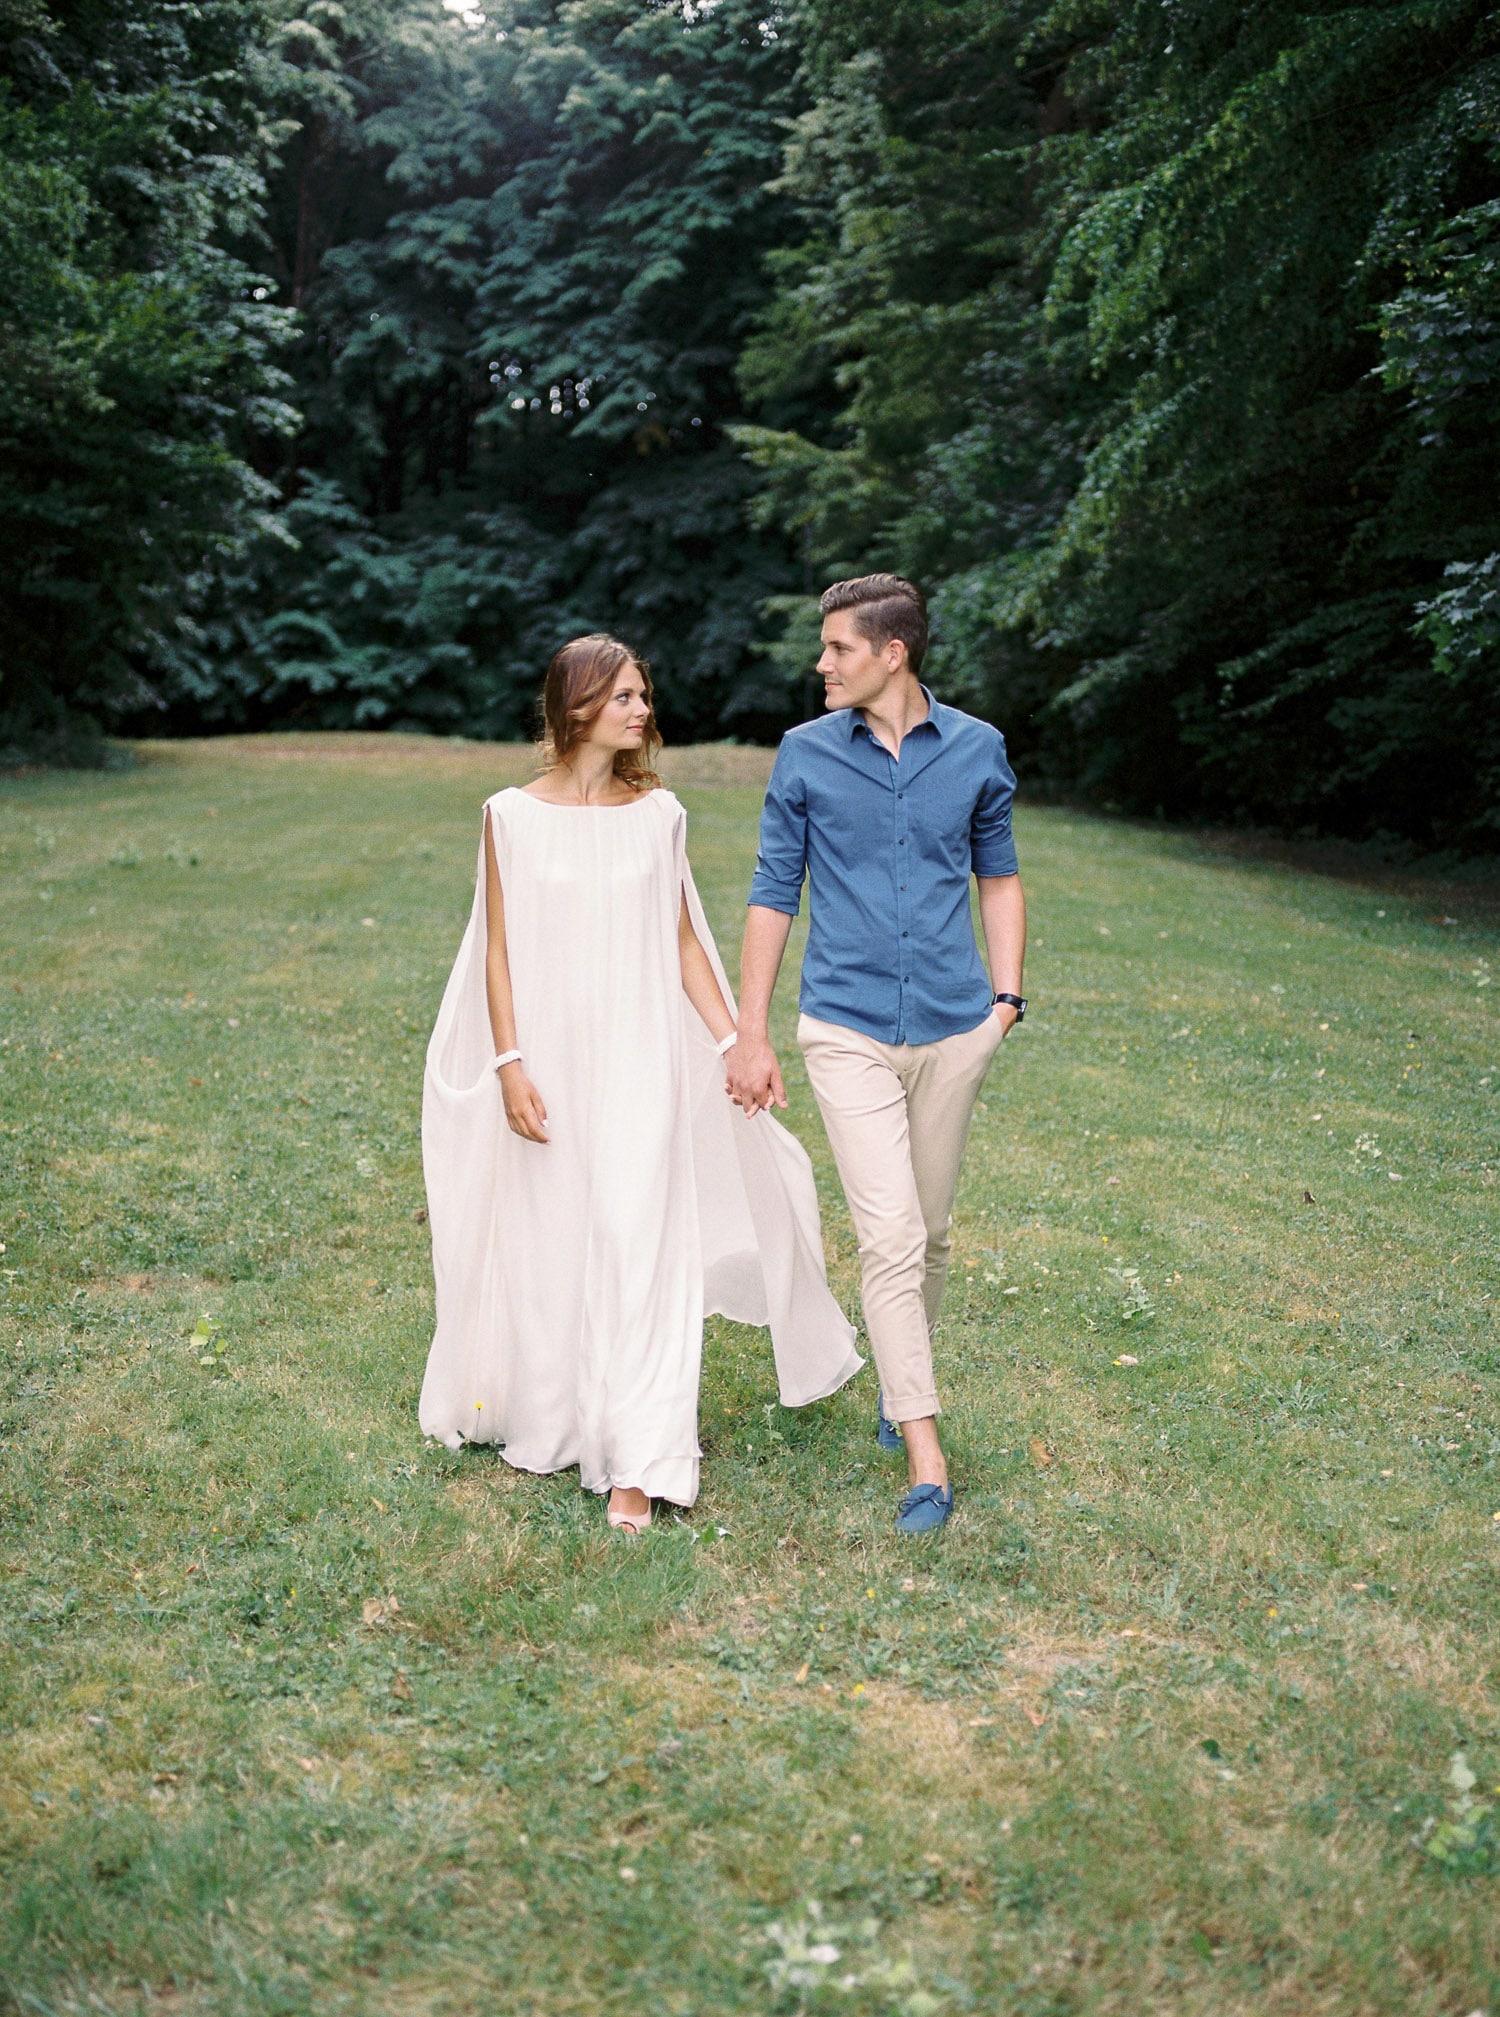 modern bride, minimalist wedding dress, casual wedding outfit